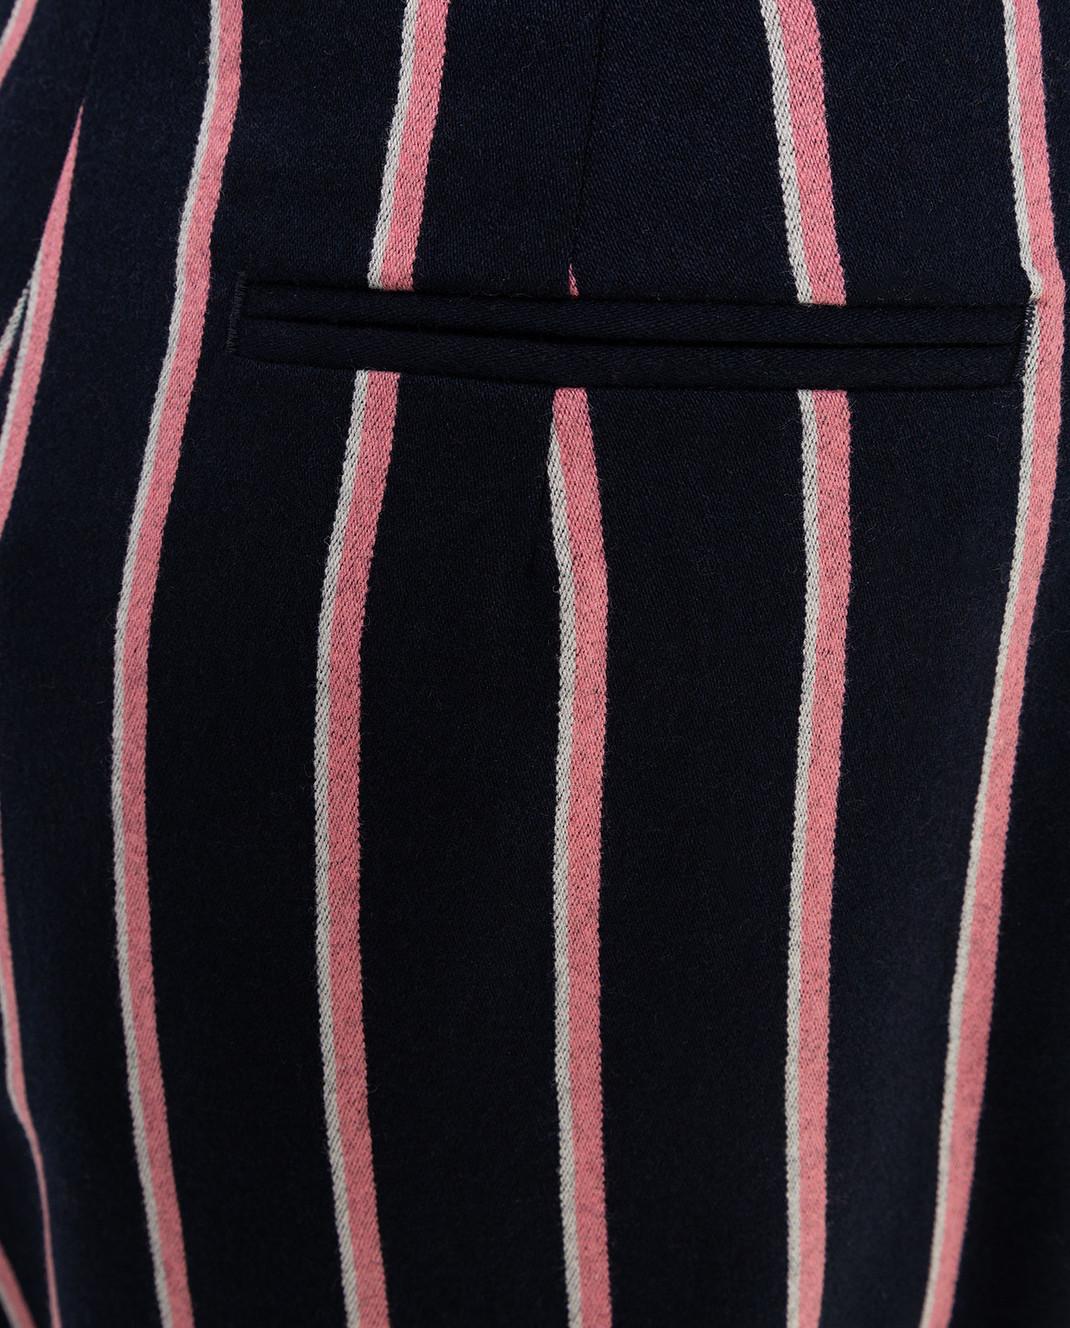 Max Mara Темно-синяя юбка из шерсти PINNE изображение 5